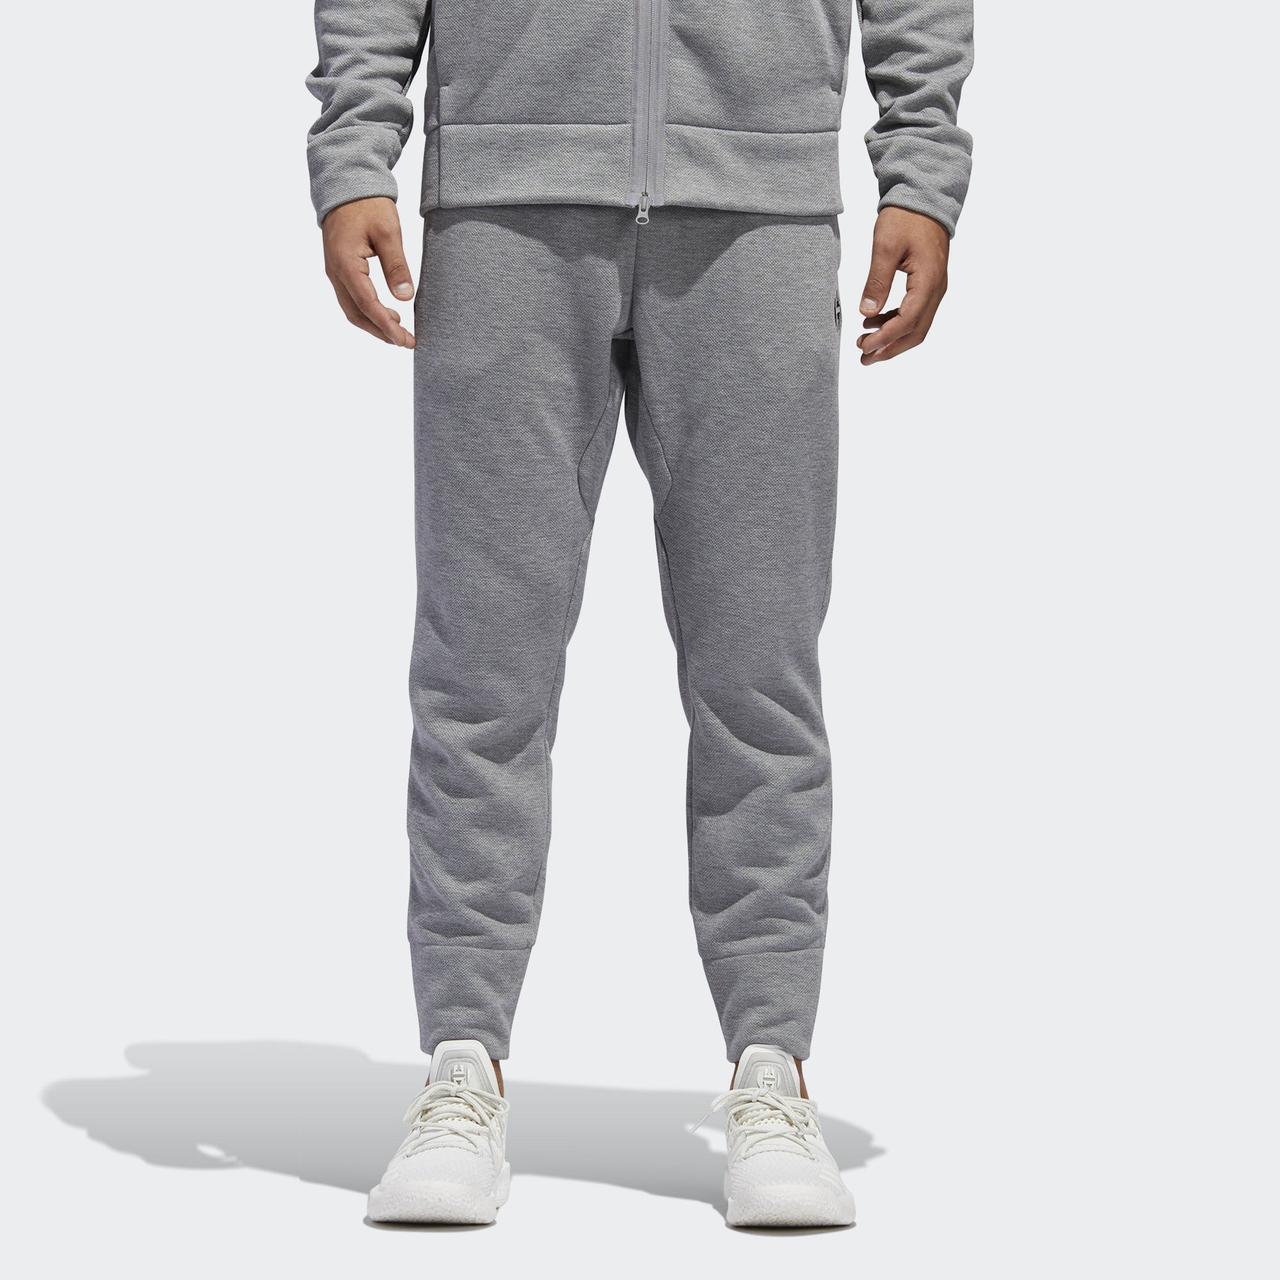 Мужские брюки Adidas Performance Harden (Артикул: CW6911)